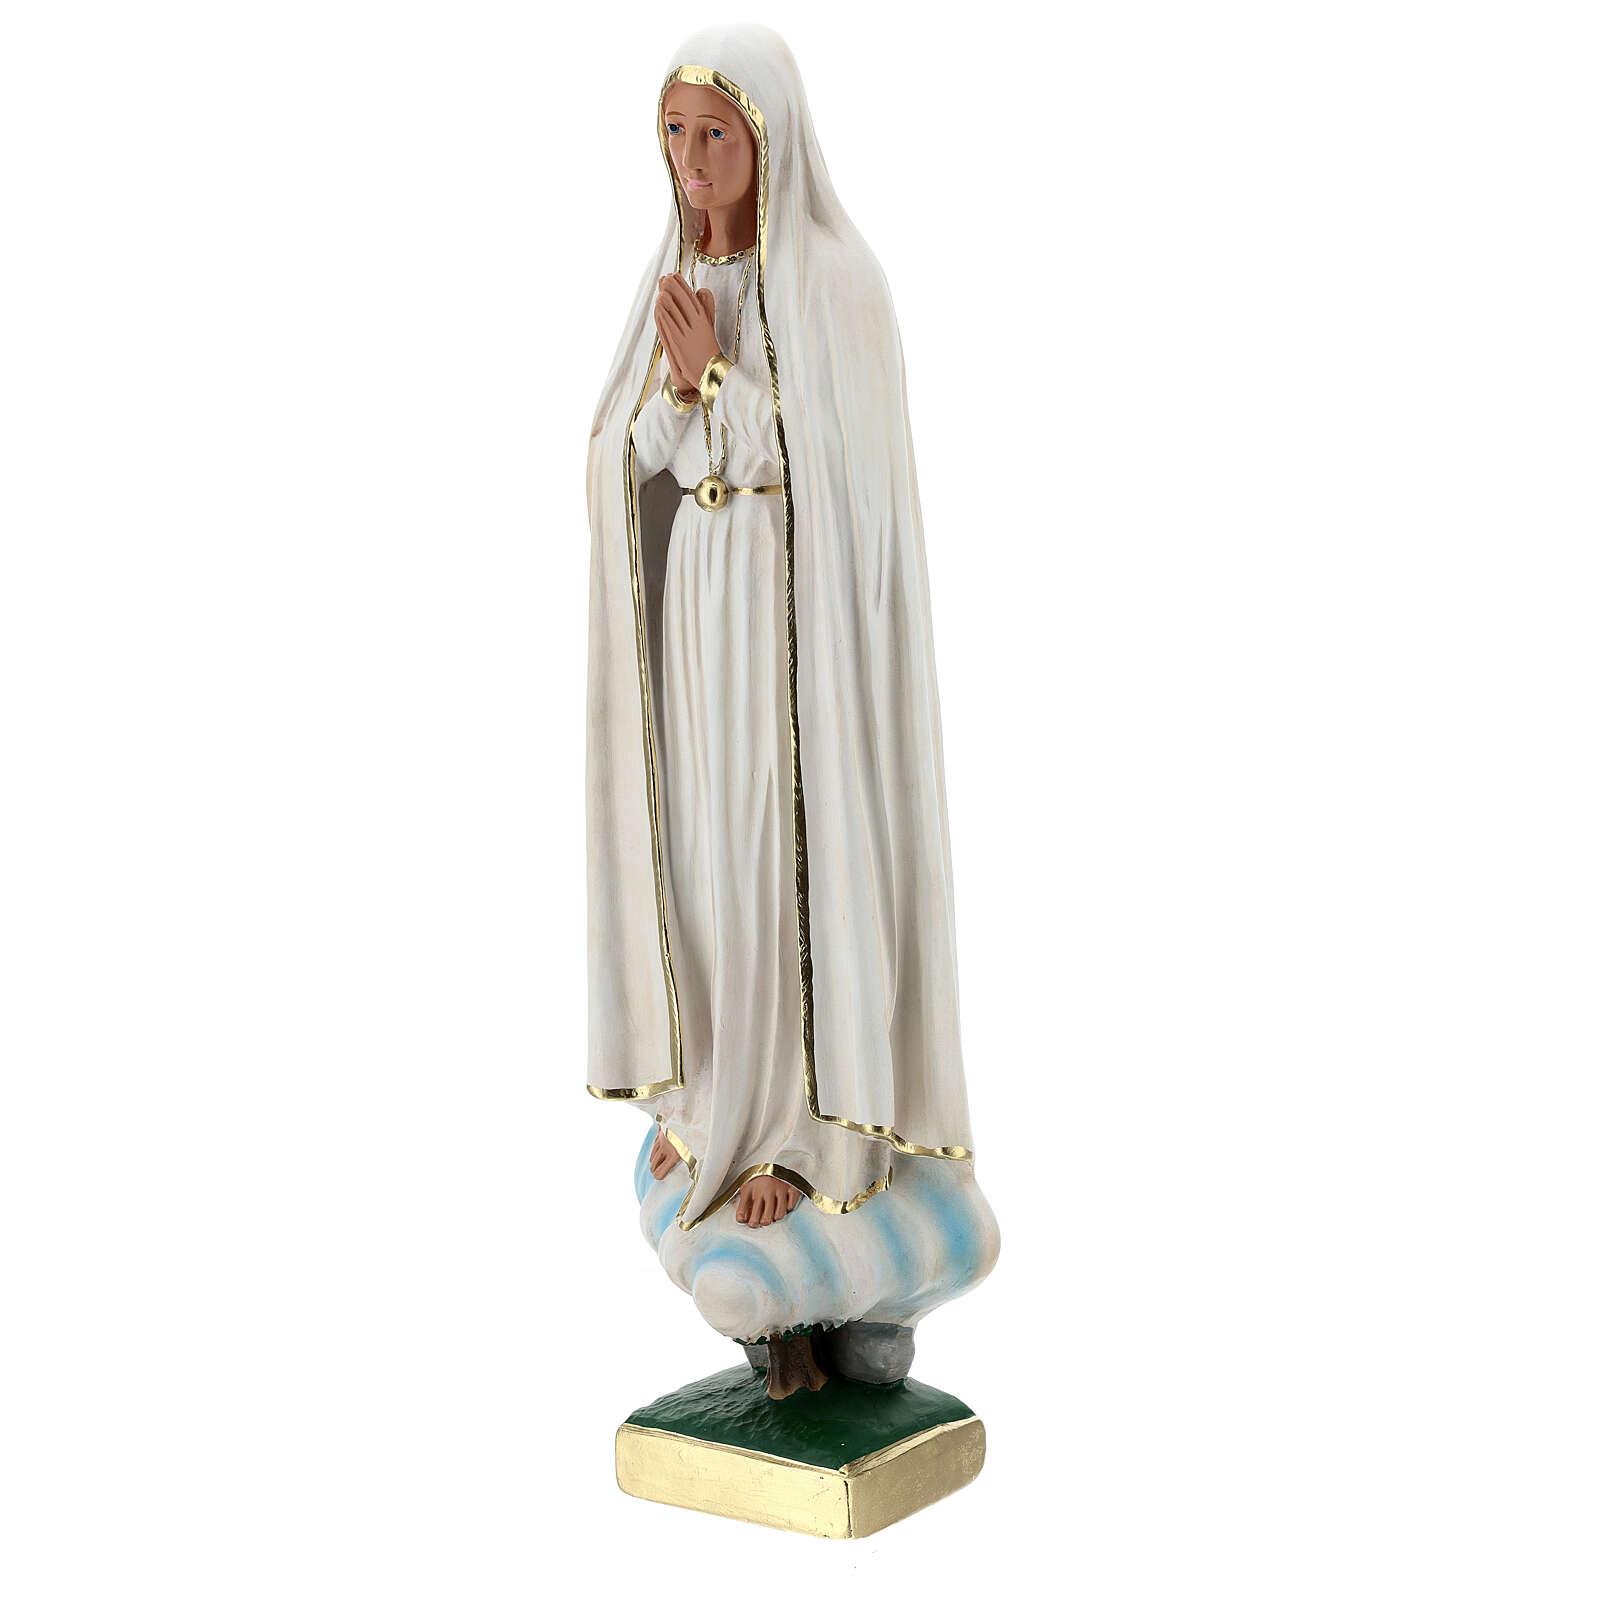 Statua gesso Madonna Fatima 60 cm senza corona Barsanti 4